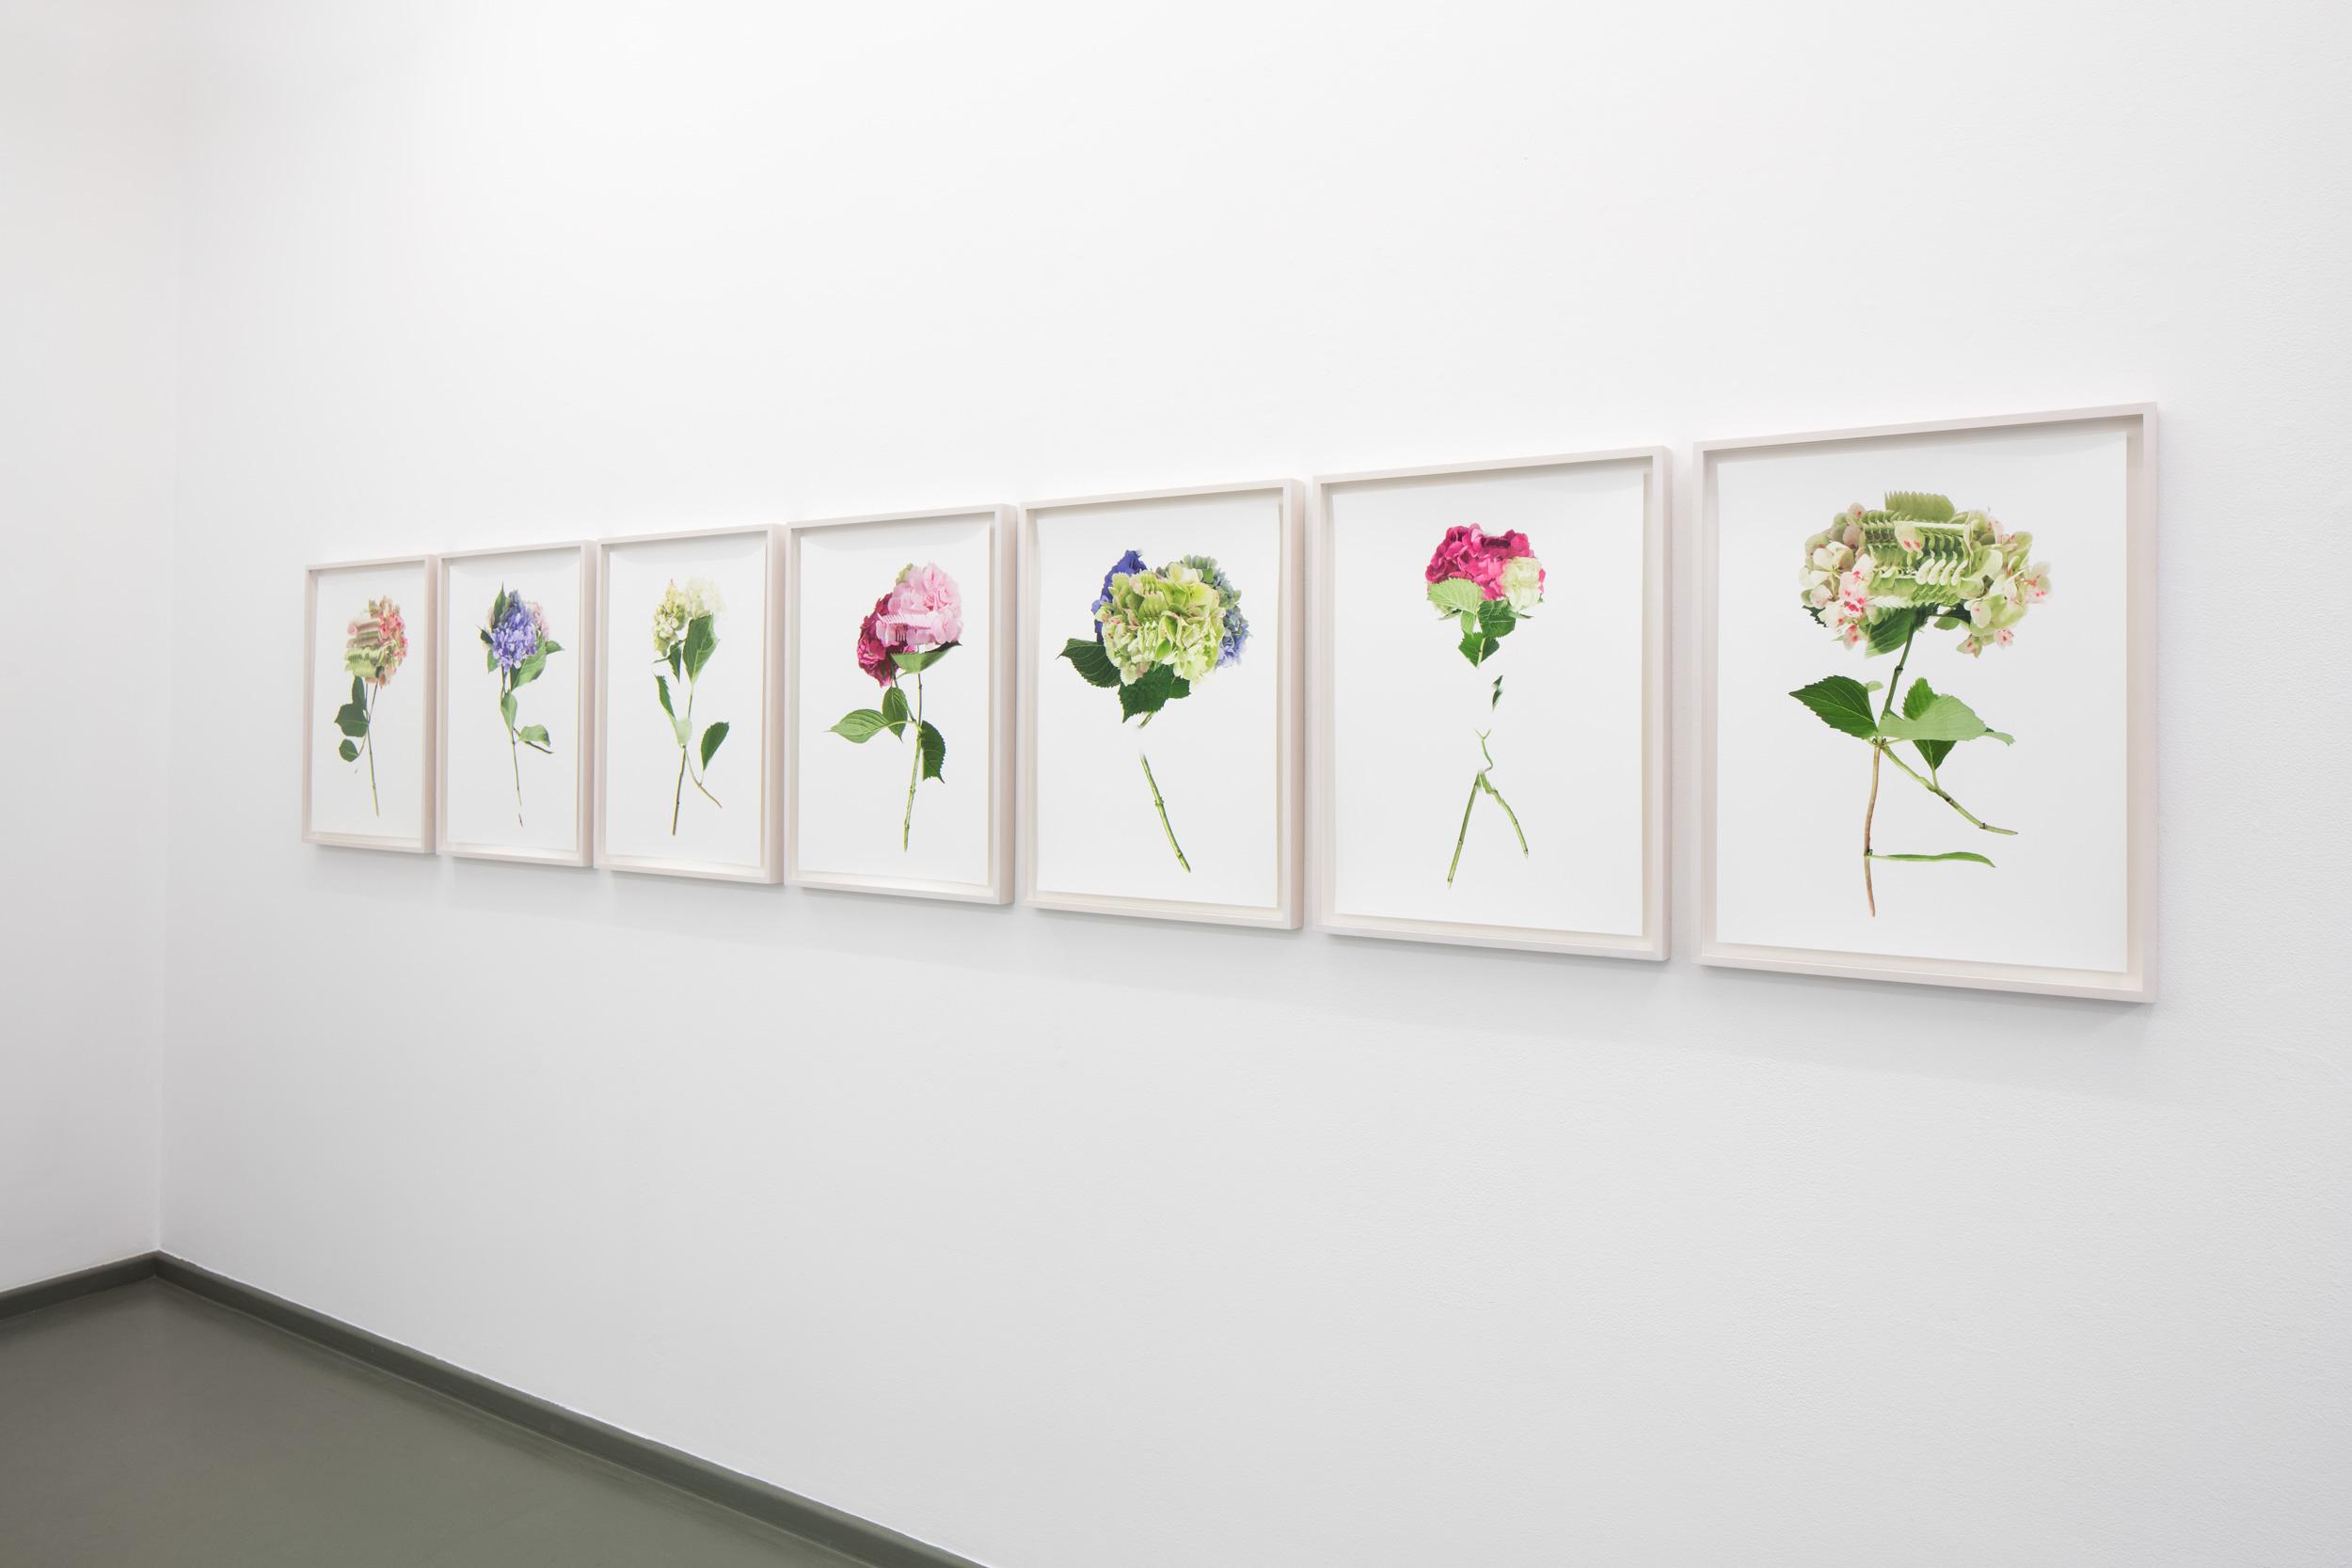 exhibition view RANDOM FLOWERS, Rasche Ripken, 2018